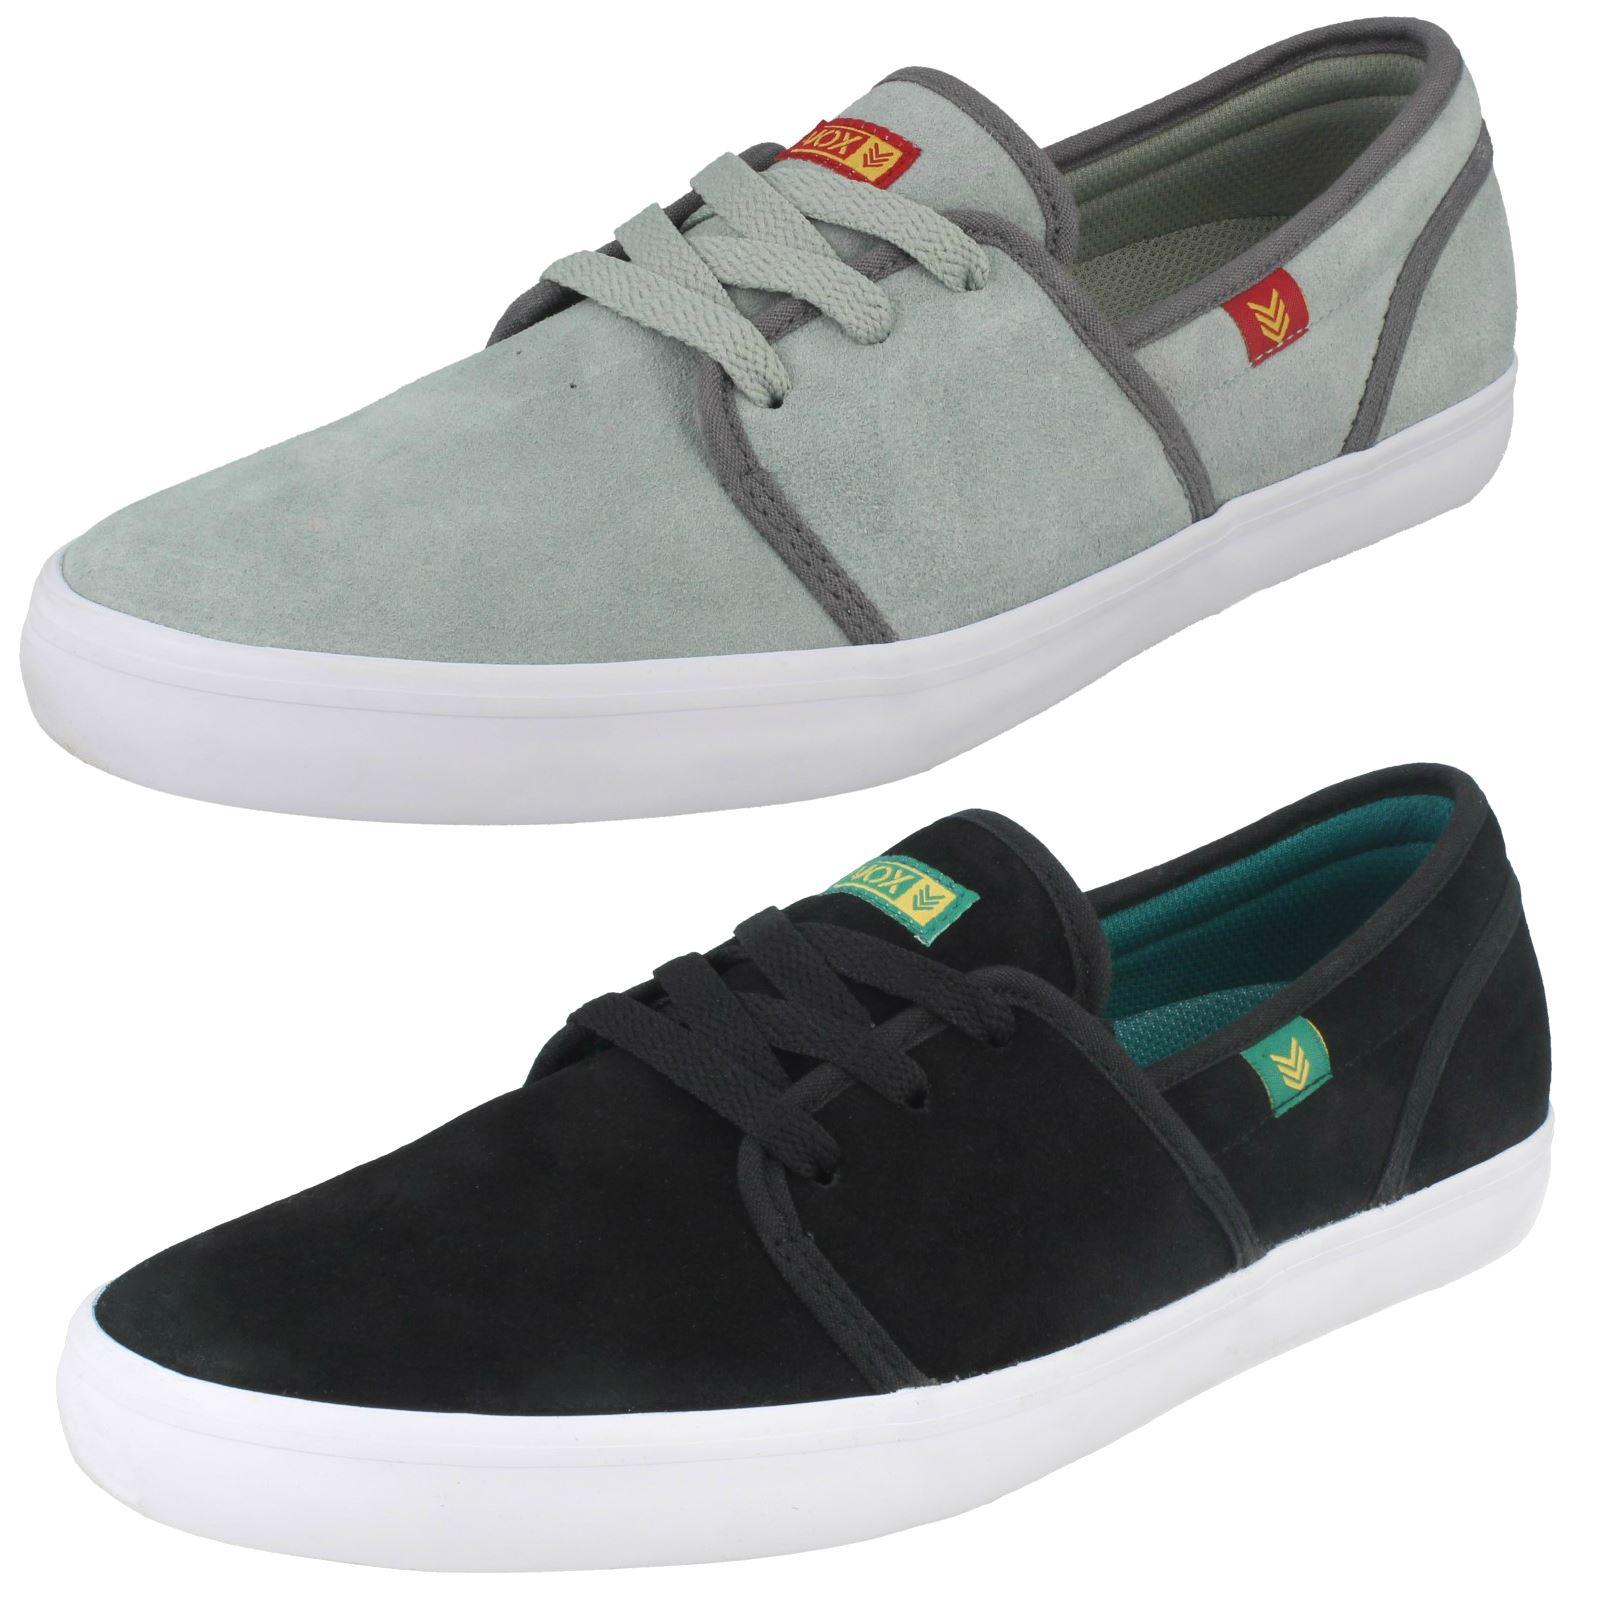 Vox - Zapatillas de skateboarding para hombre, color, talla 8.5 UK